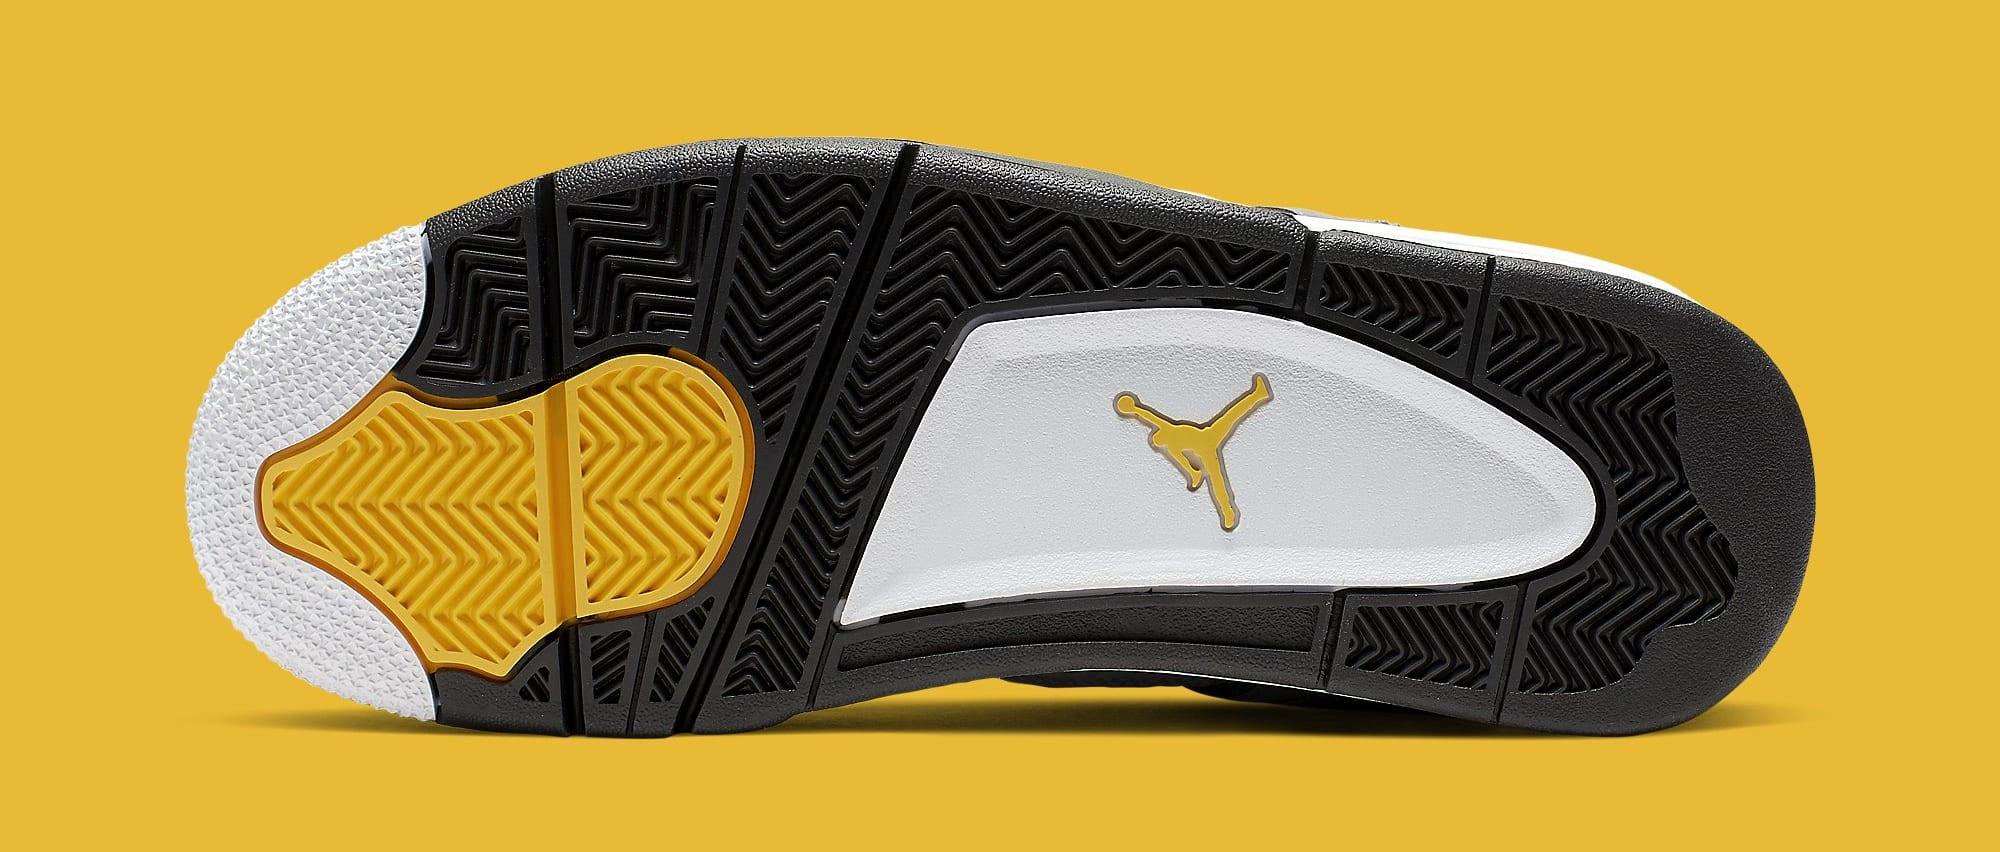 Air Jordan 4 'Cool Grey' 308497-007 (Bottom)